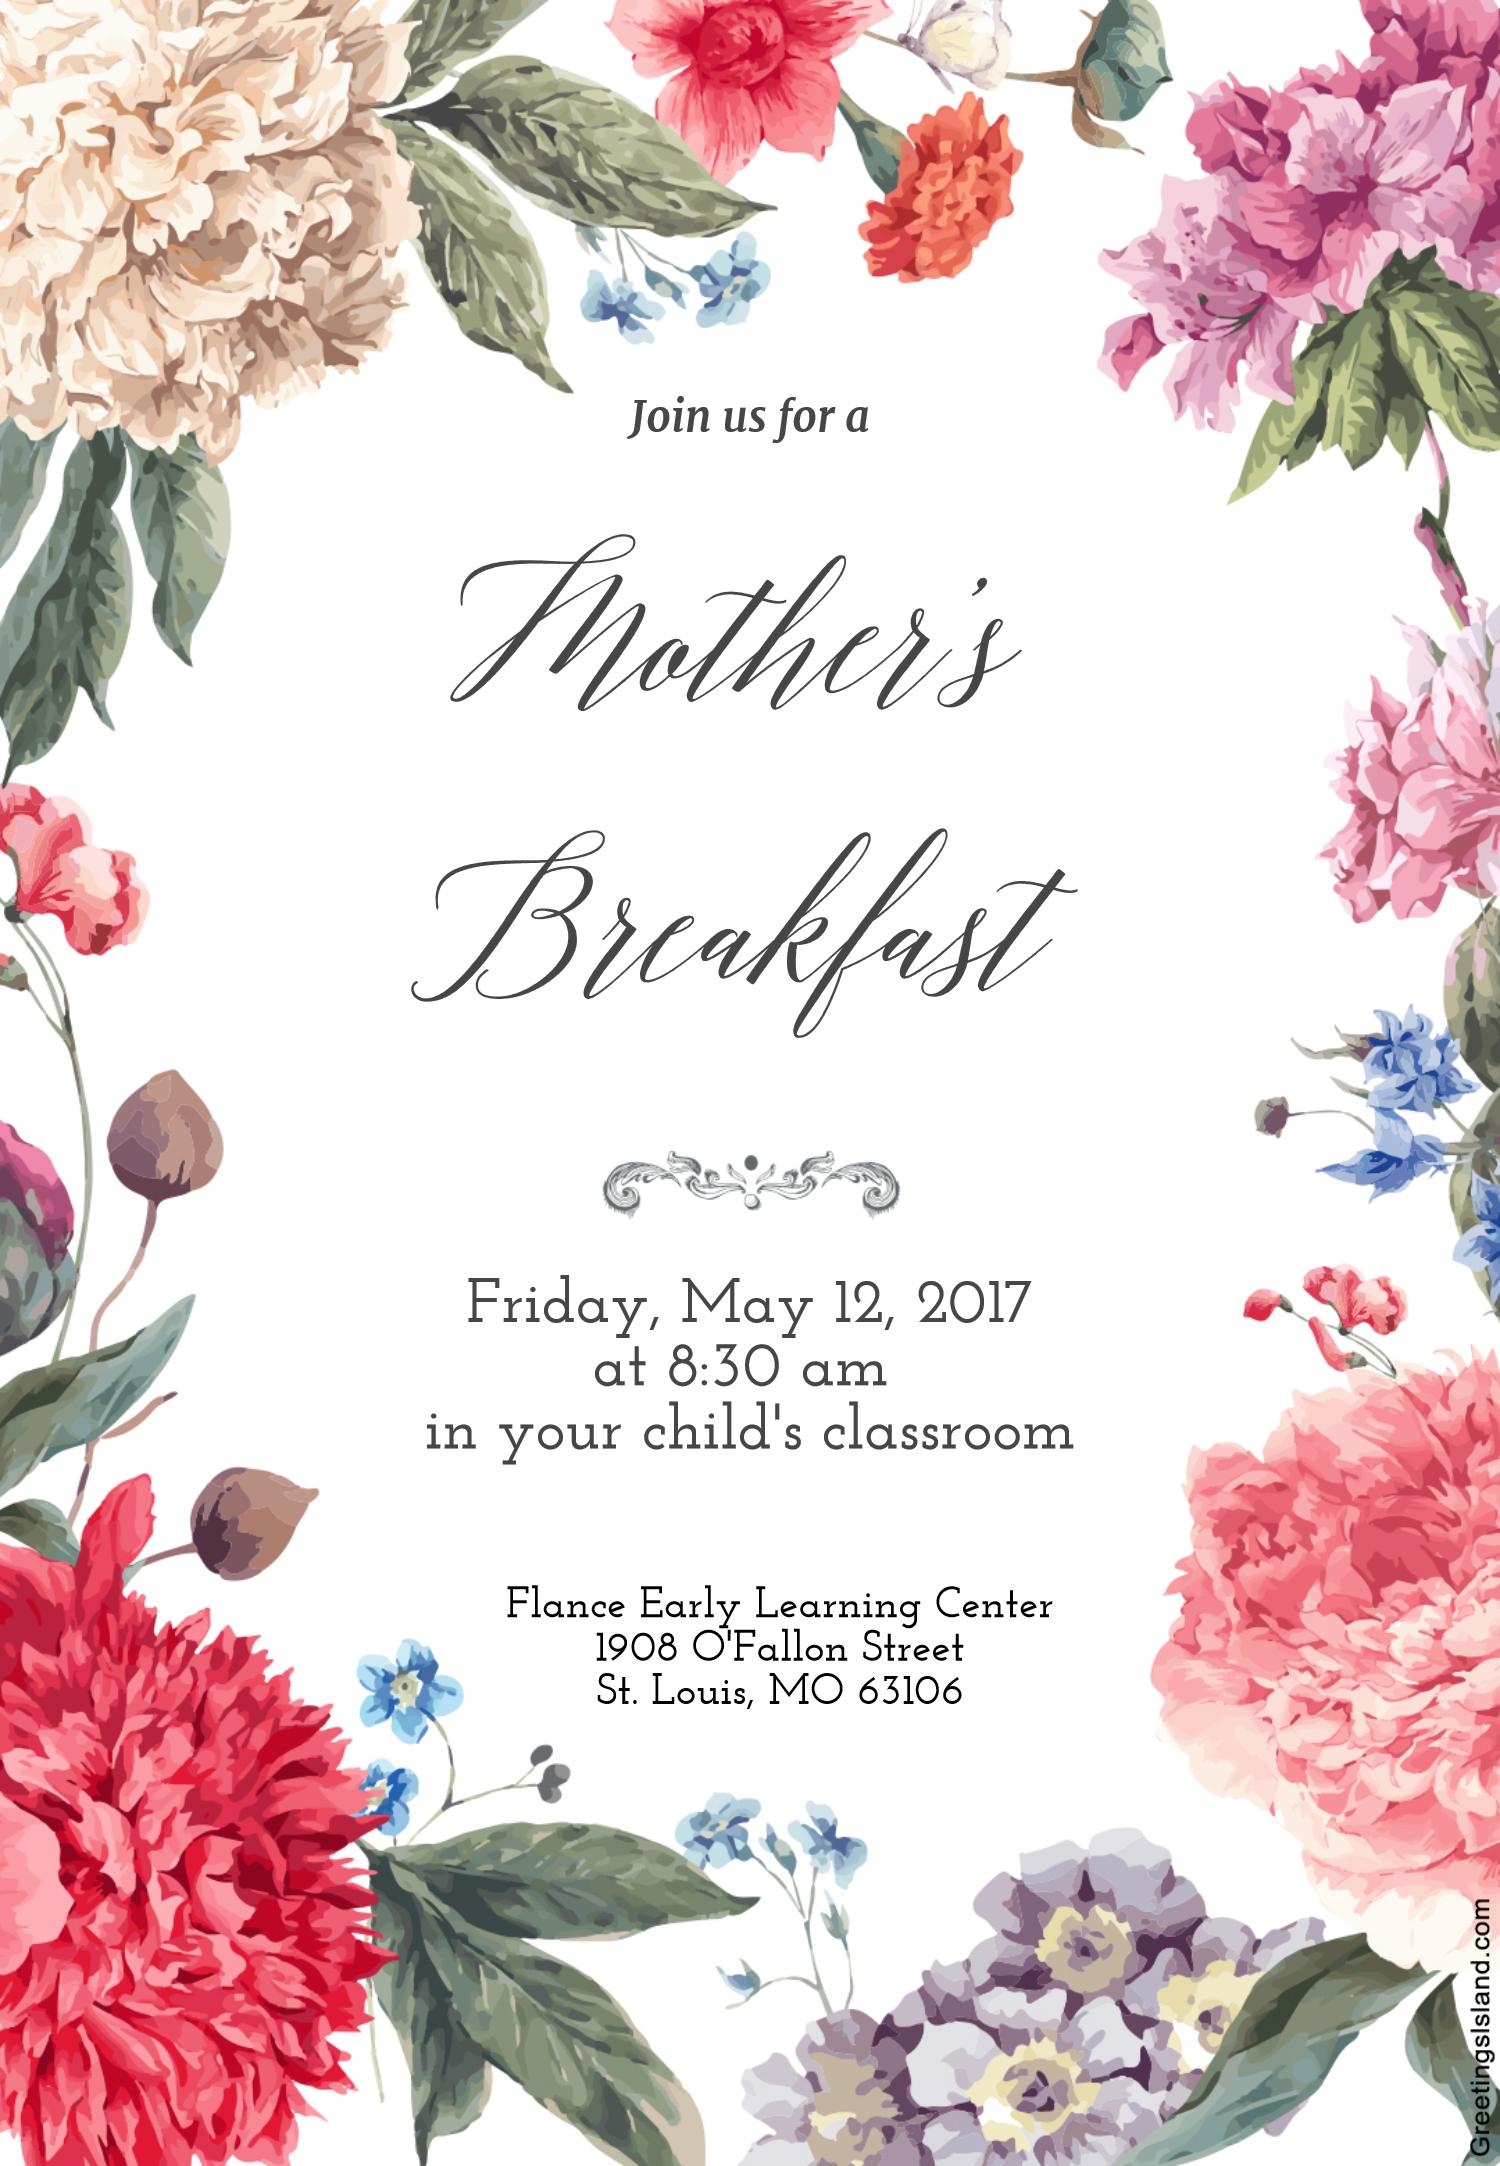 Mother's Breakfast 2017